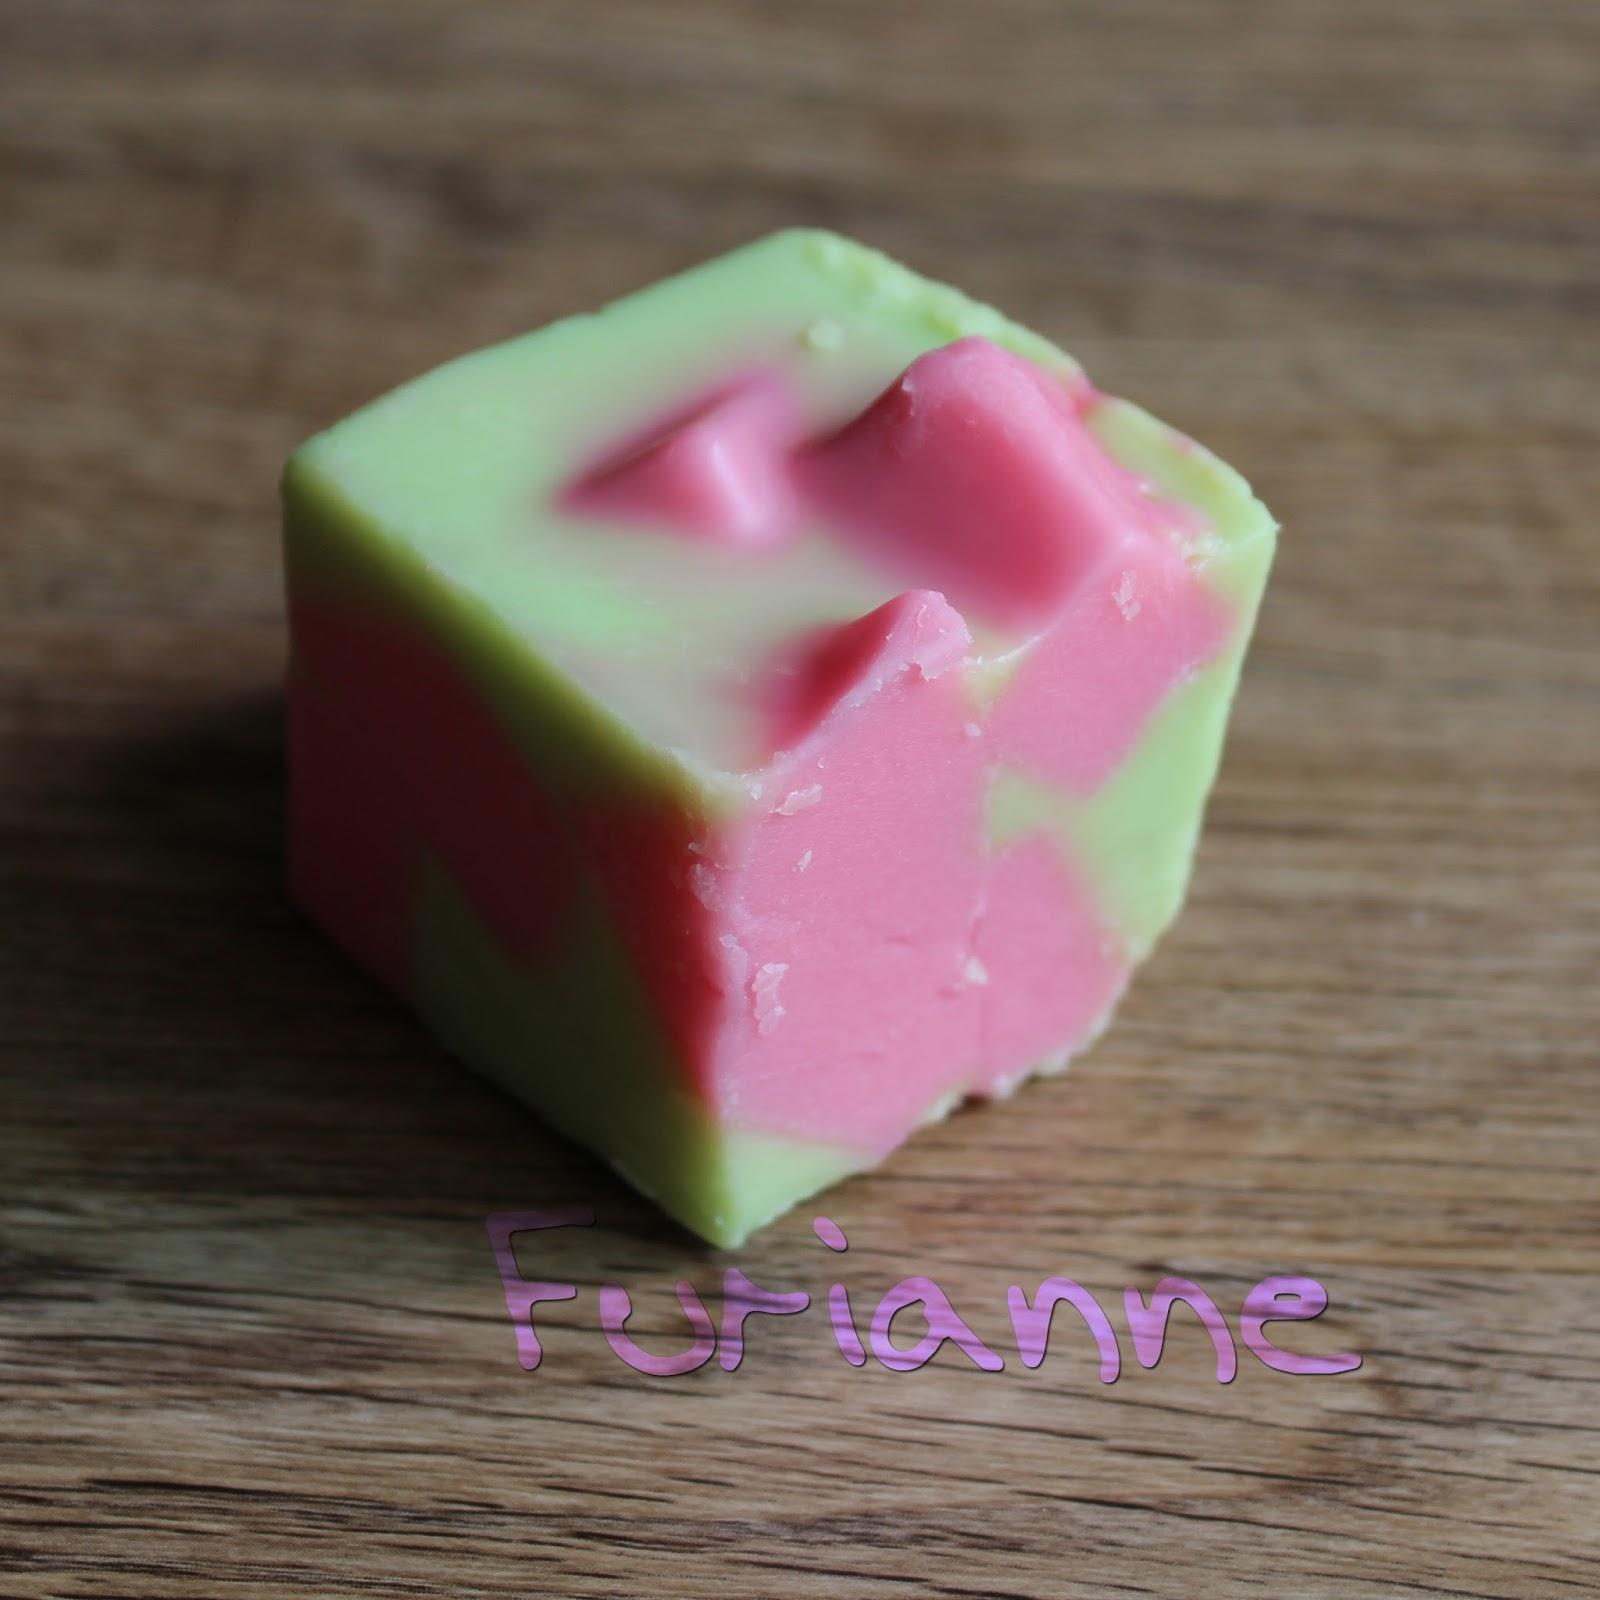 Furianne: Glitterati - Strawberry/Eucalyptus/Cucumber Mint